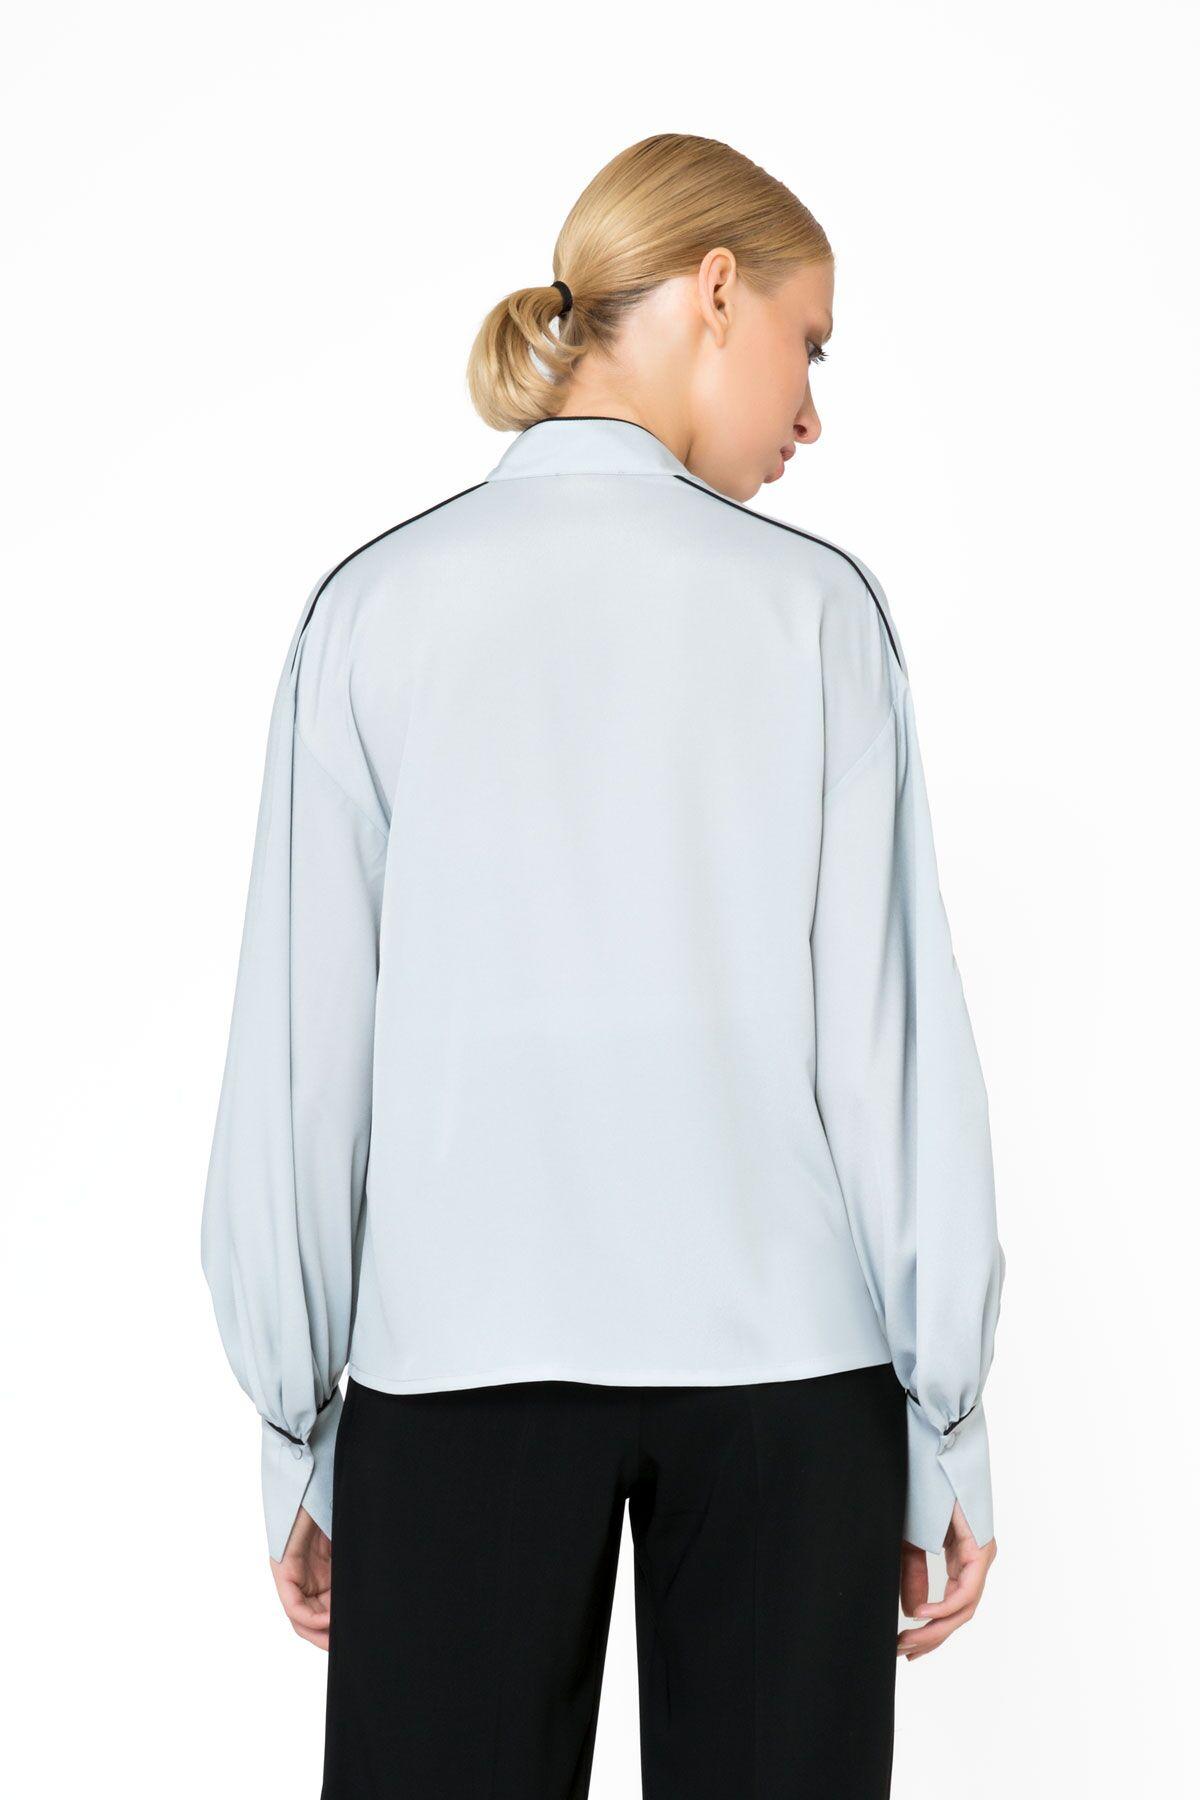 Collar Applique Detailed Gray Blouse